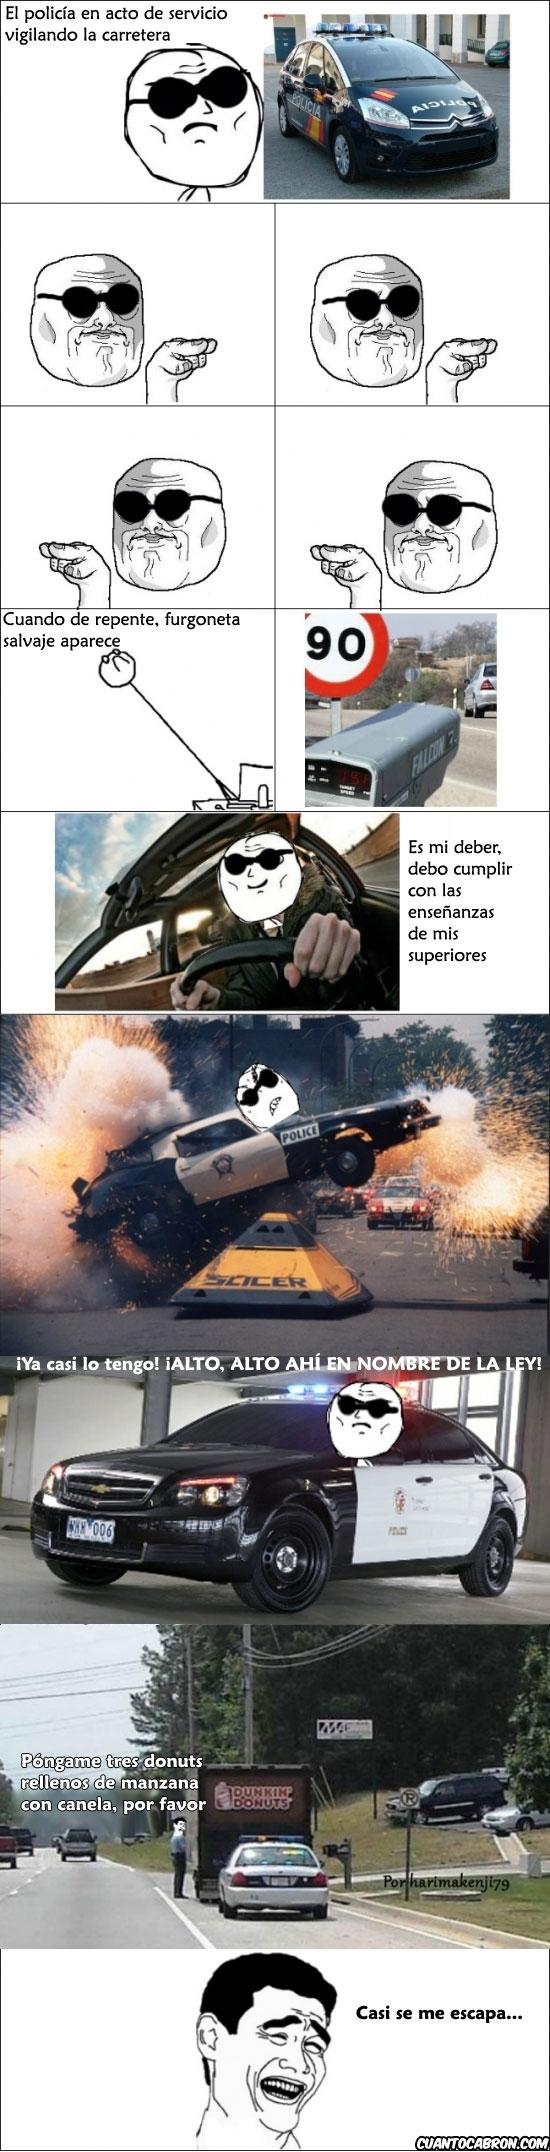 Yao - El deber de un buen policía